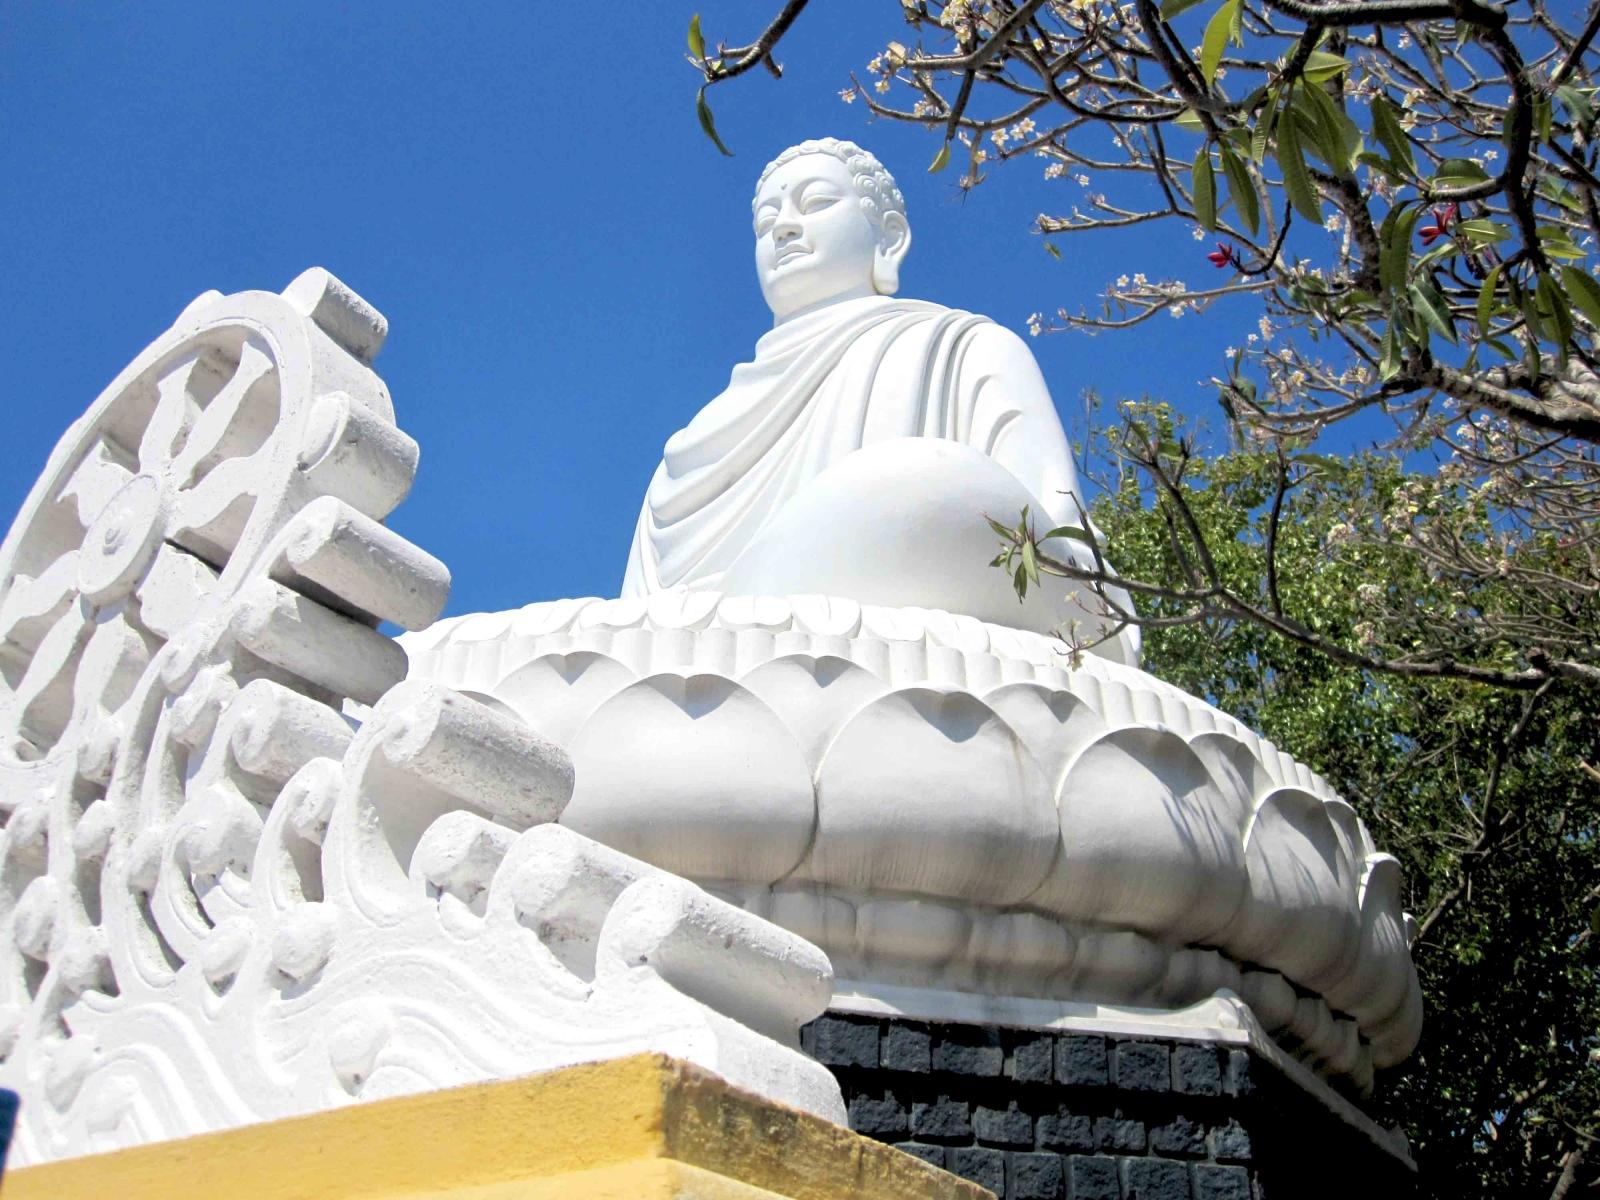 Cầu an đầu năm với những ngôi chùa nổi tiếng tại Vũng Tàu